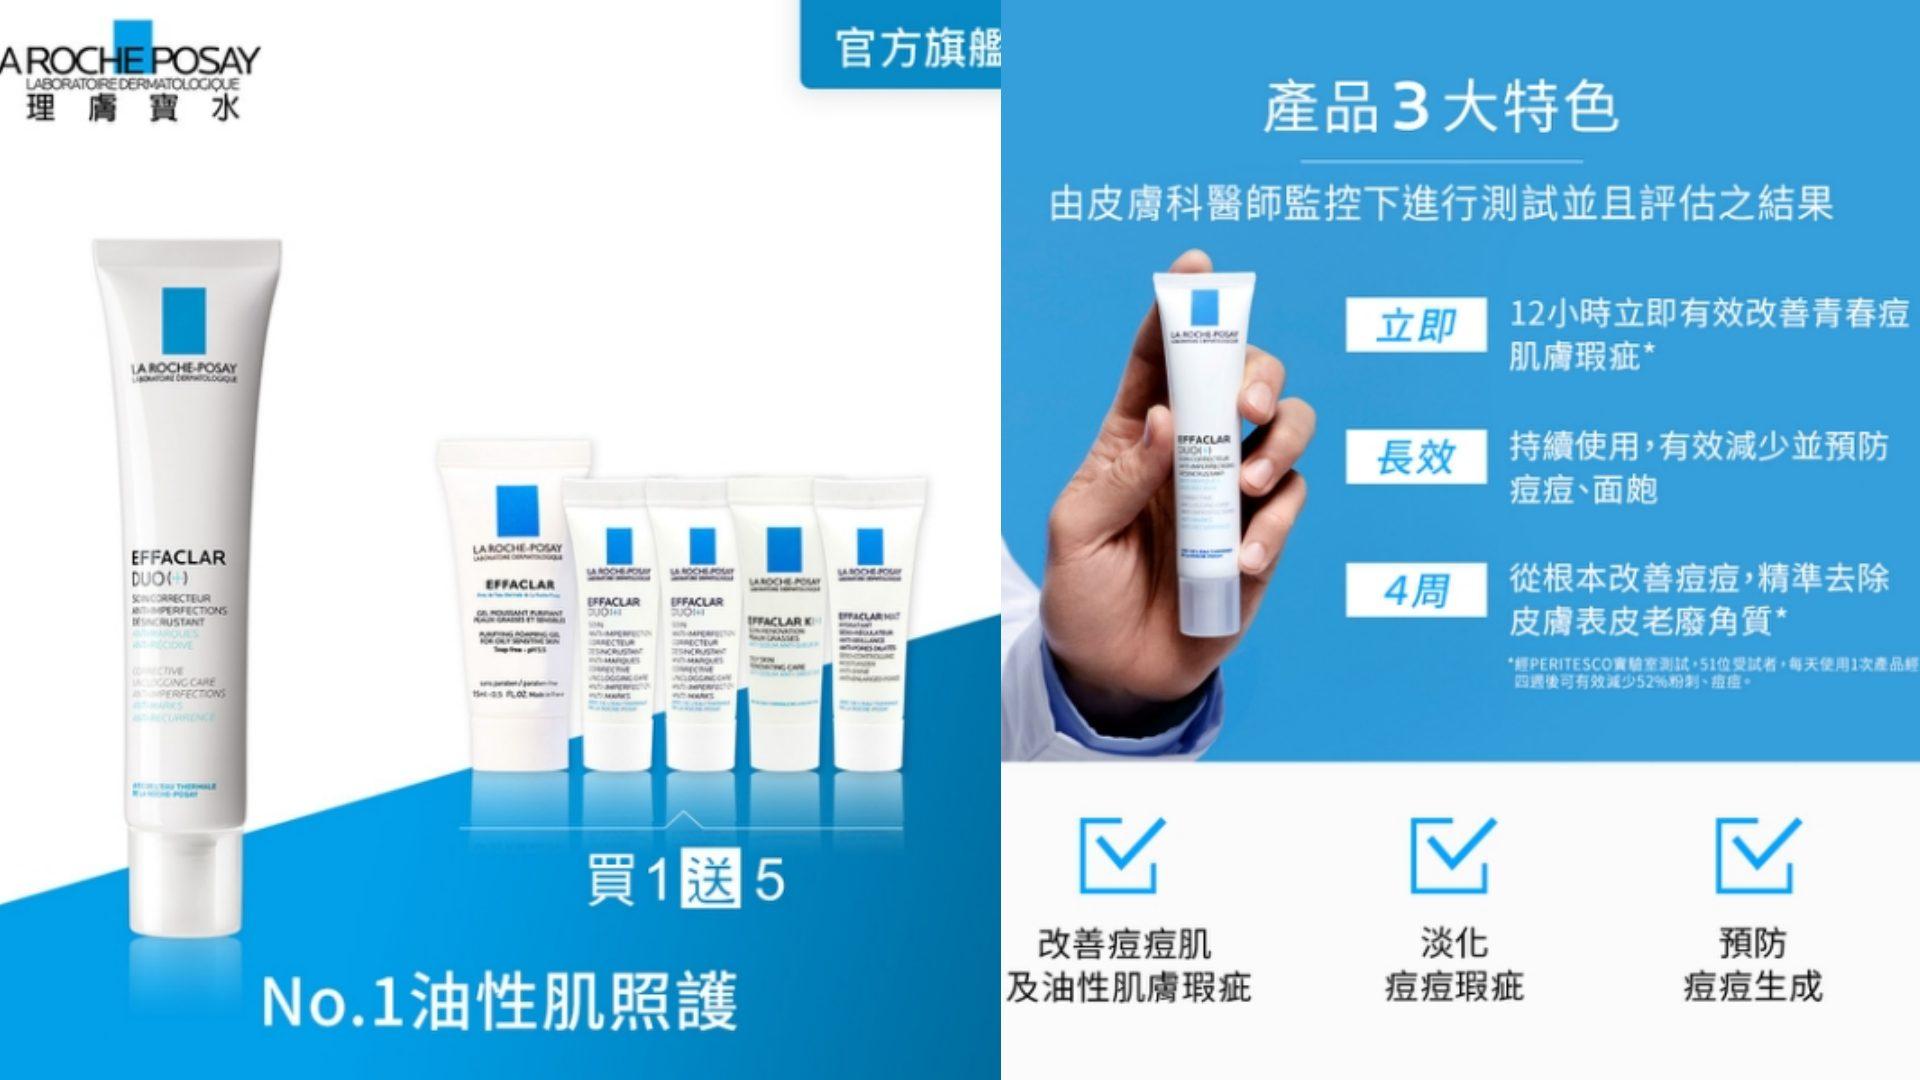 這瓶抗痘精華,就是能夠有效改善痘痘且預防再生成的必備品!裡面含有水楊酸成分,可以溫和代謝老廢角質,緊緻毛孔